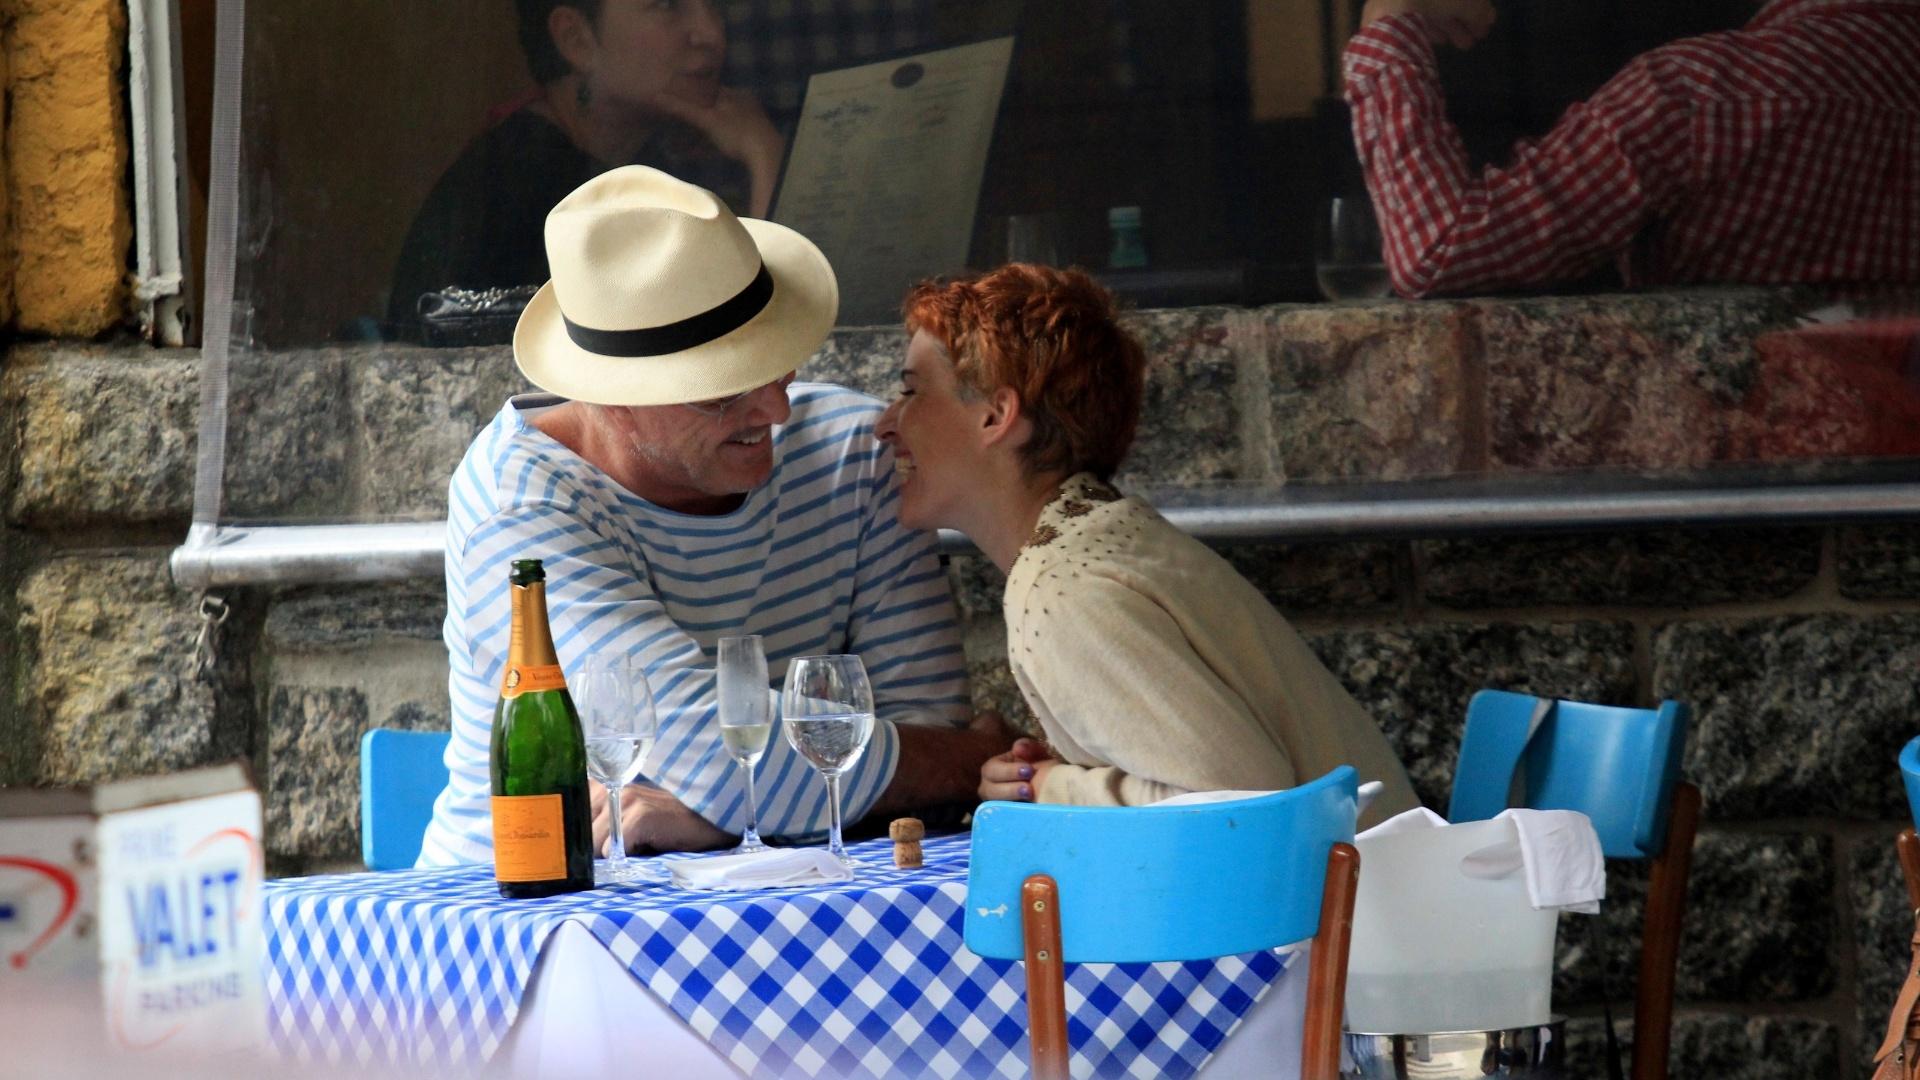 Em clima romântico, o apresentador Pedro Bial sai para jantar com a namorada em Ipanema